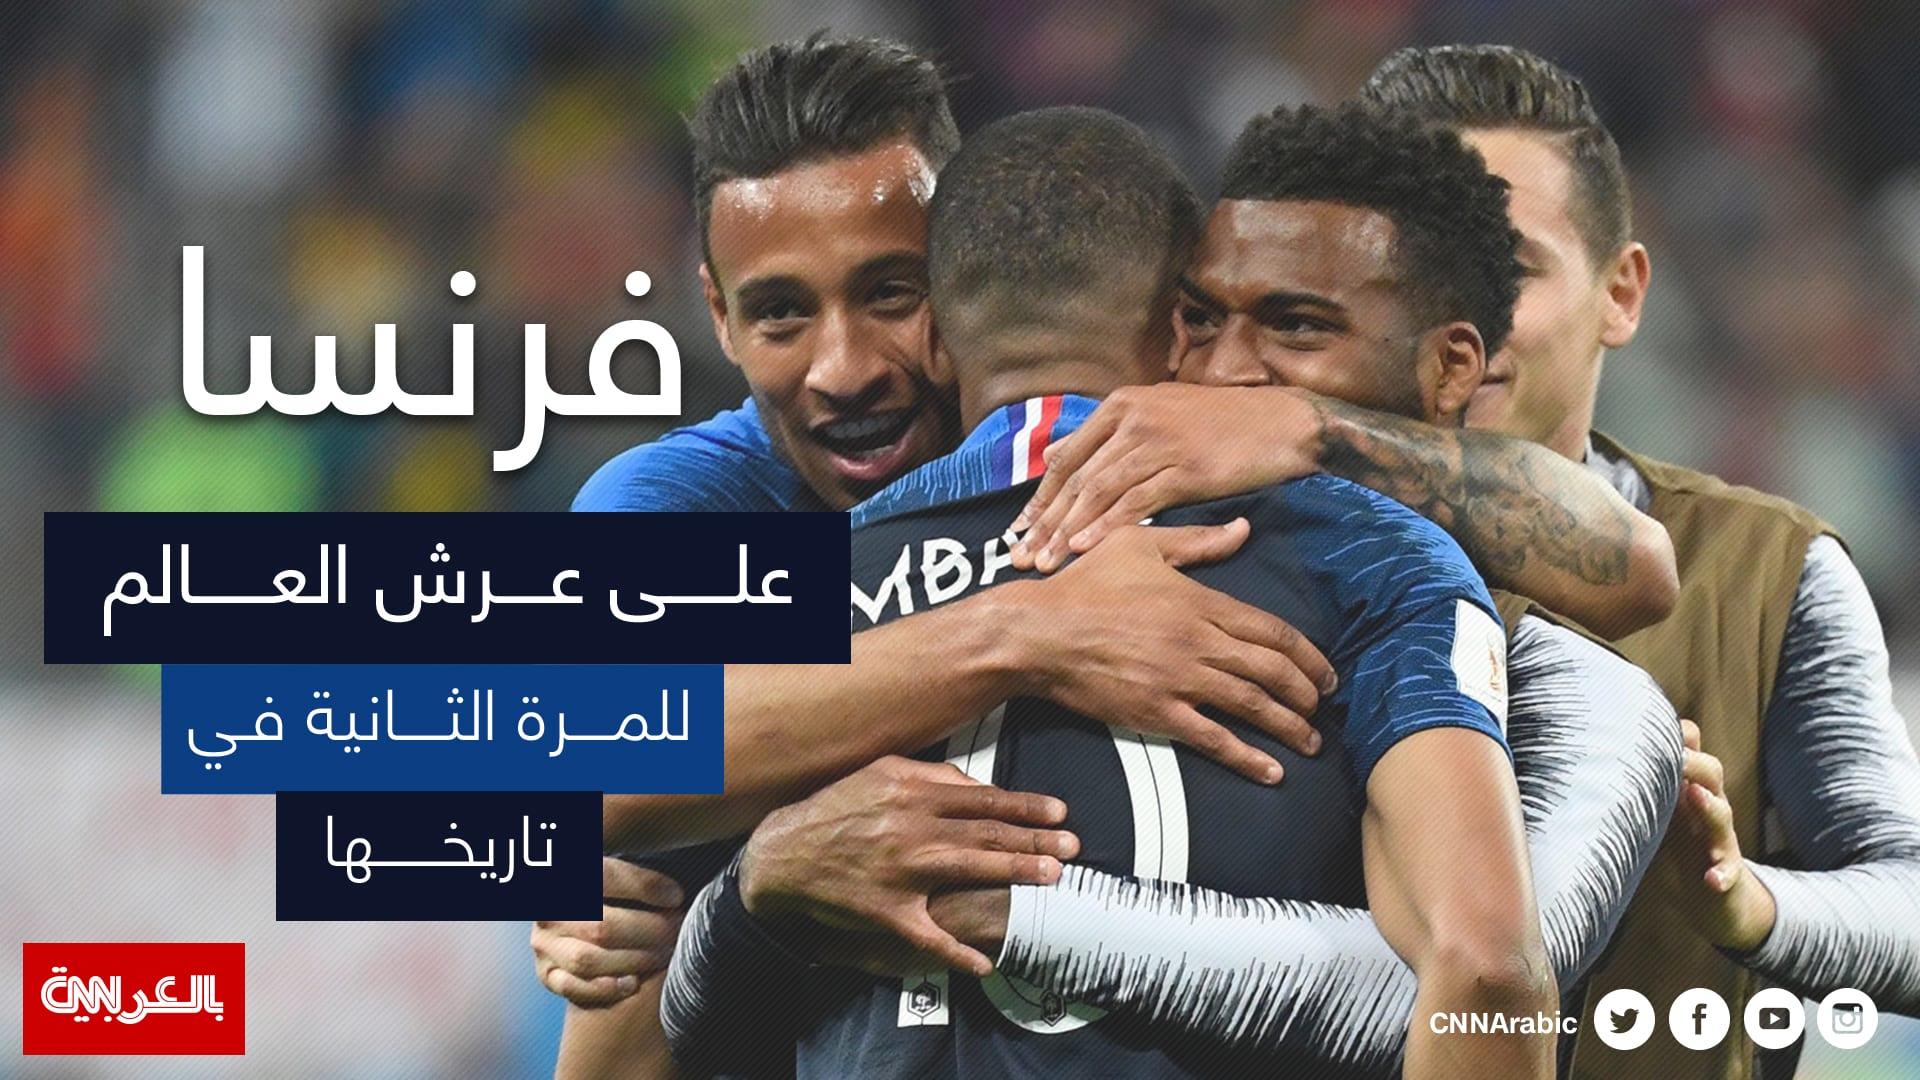 بعد 20 عاما من الغياب.. فرنسا على عرش العال للمرة الثانية